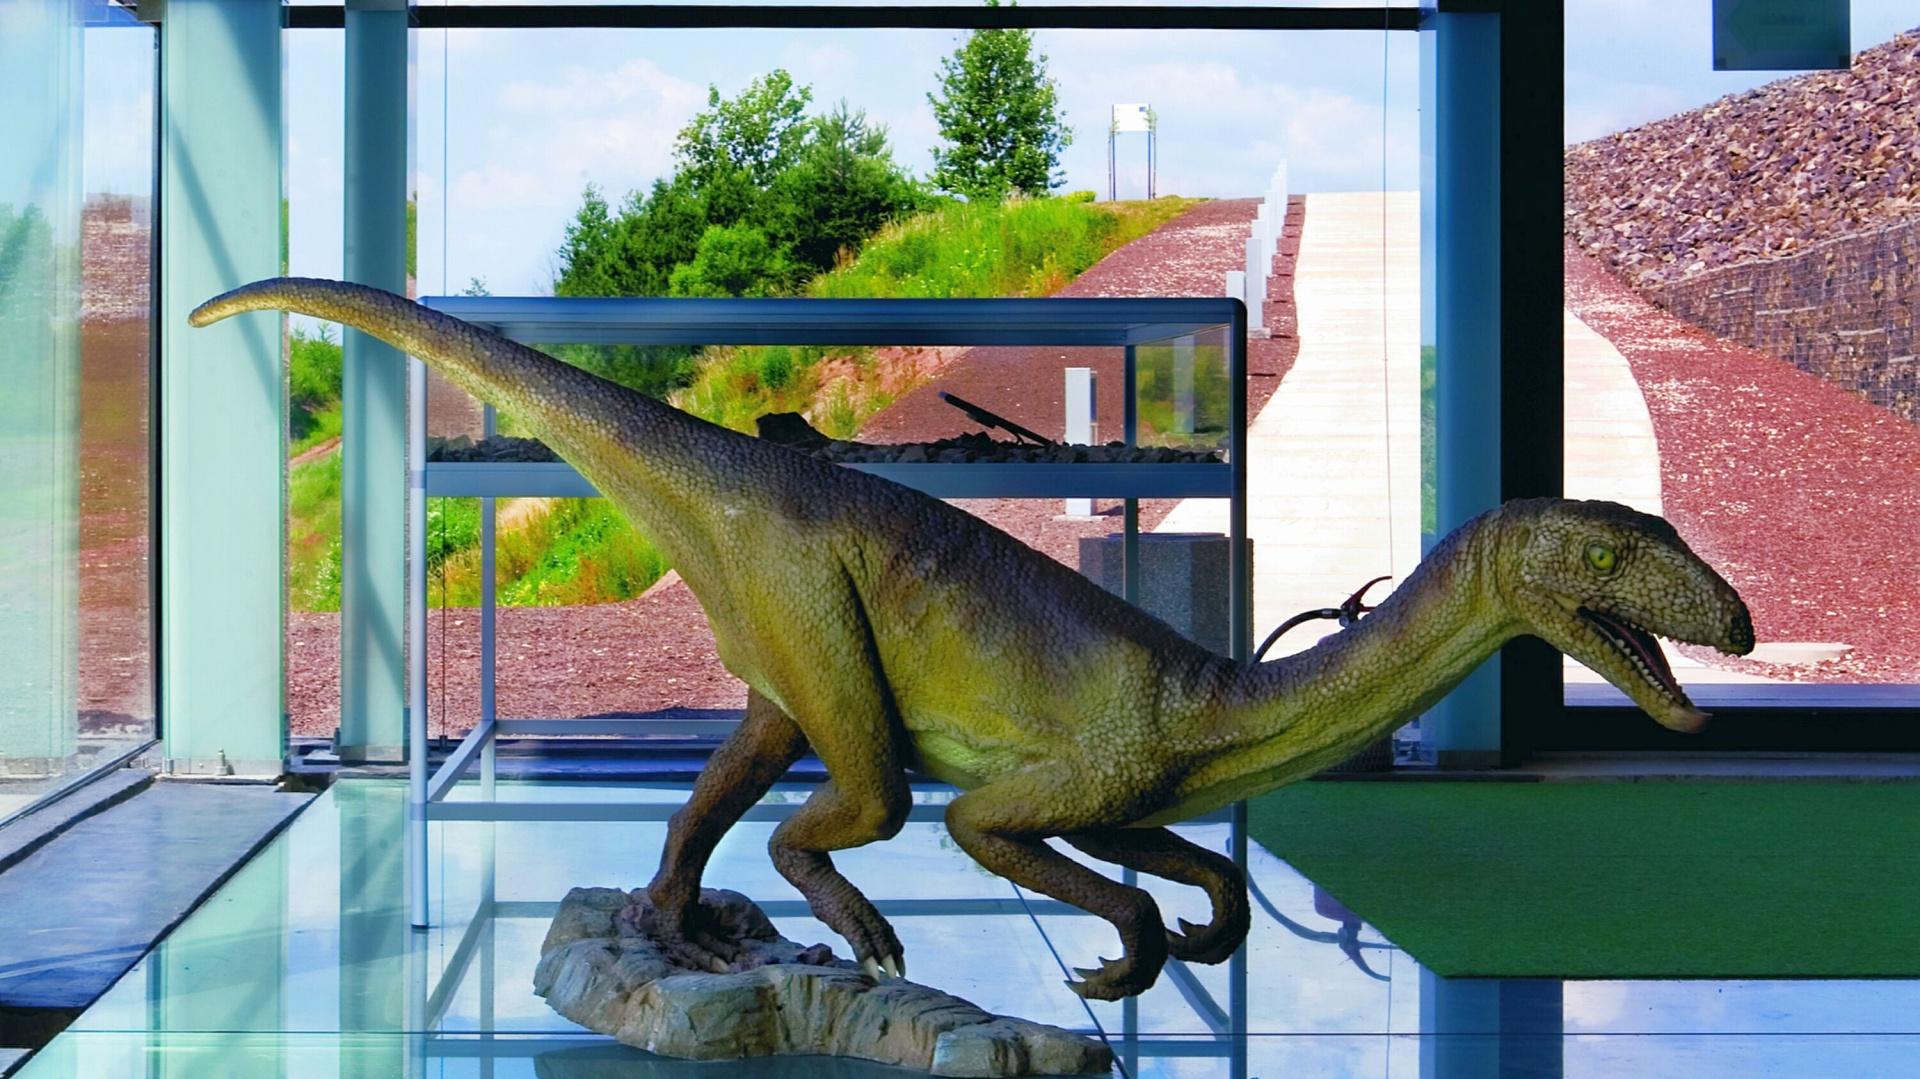 Dinopark w Krasiejowie Fot. Monika Filipiuk.jpg